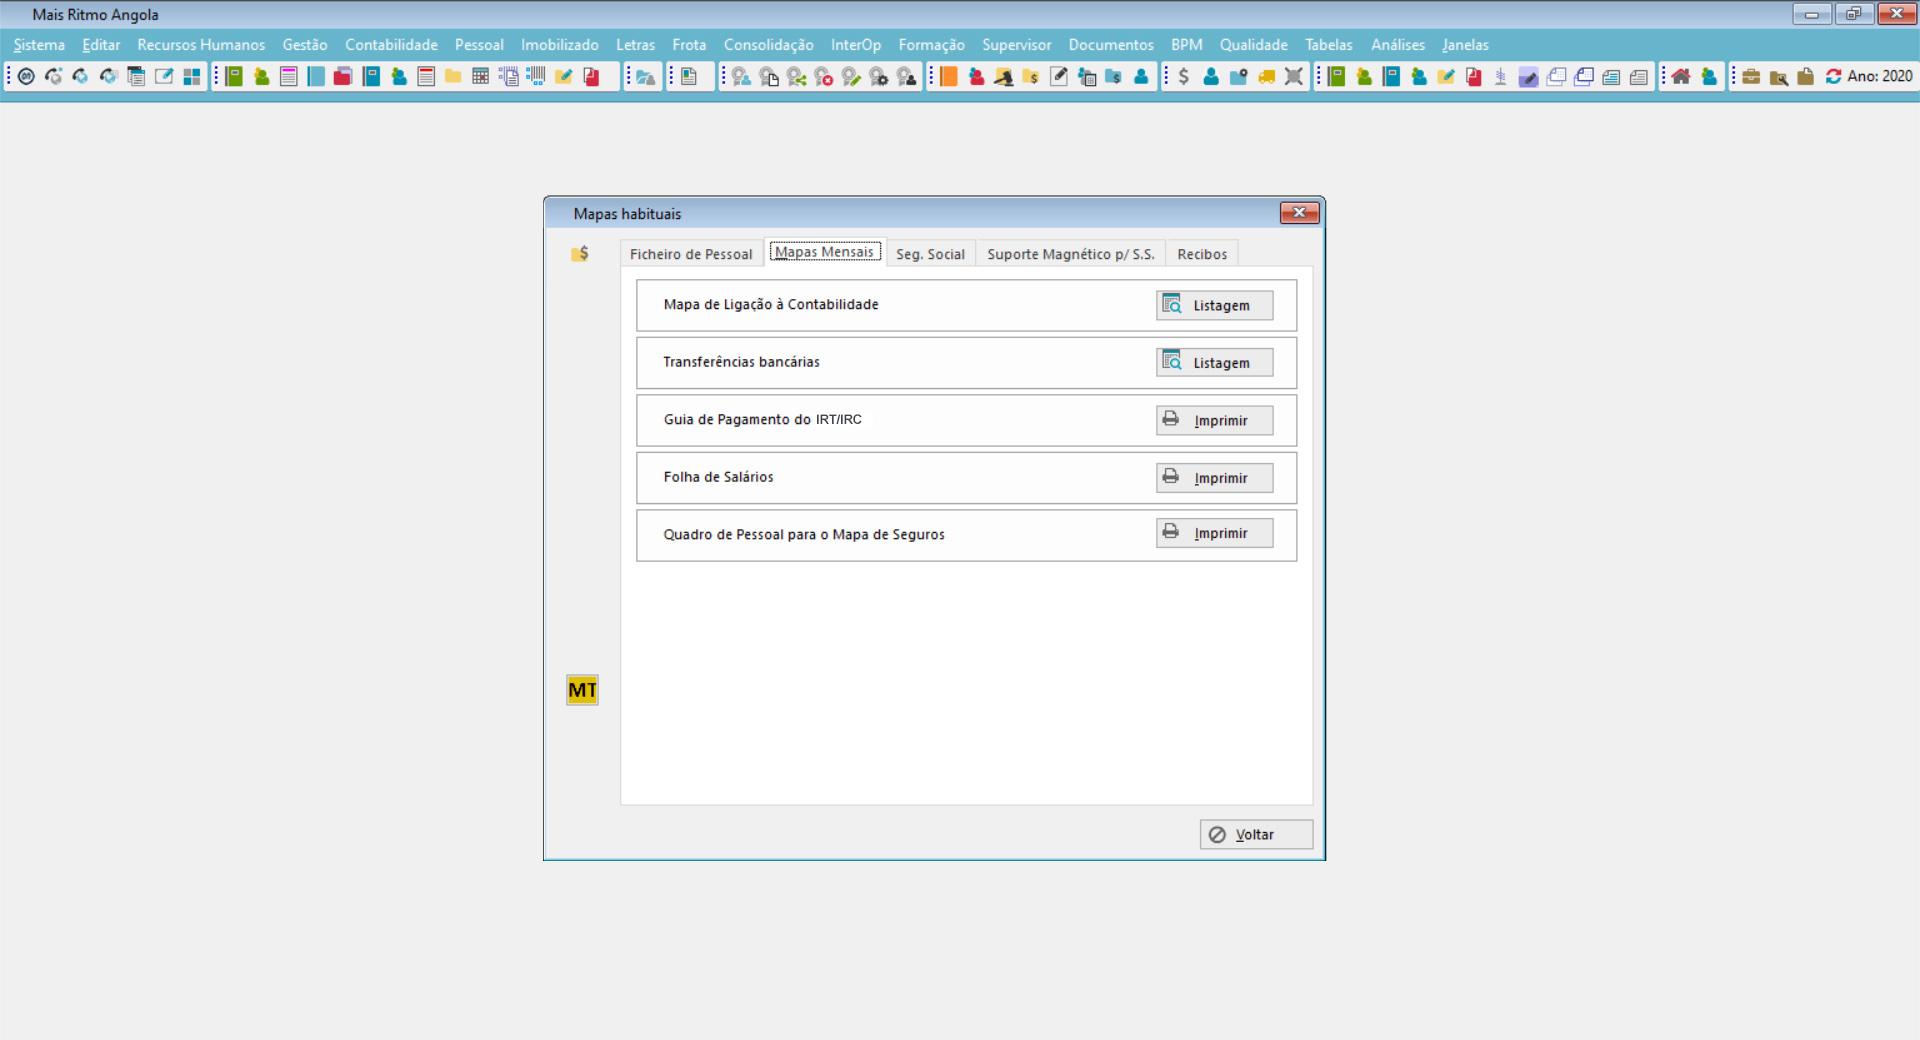 dashboard de listagens e mapas de rh